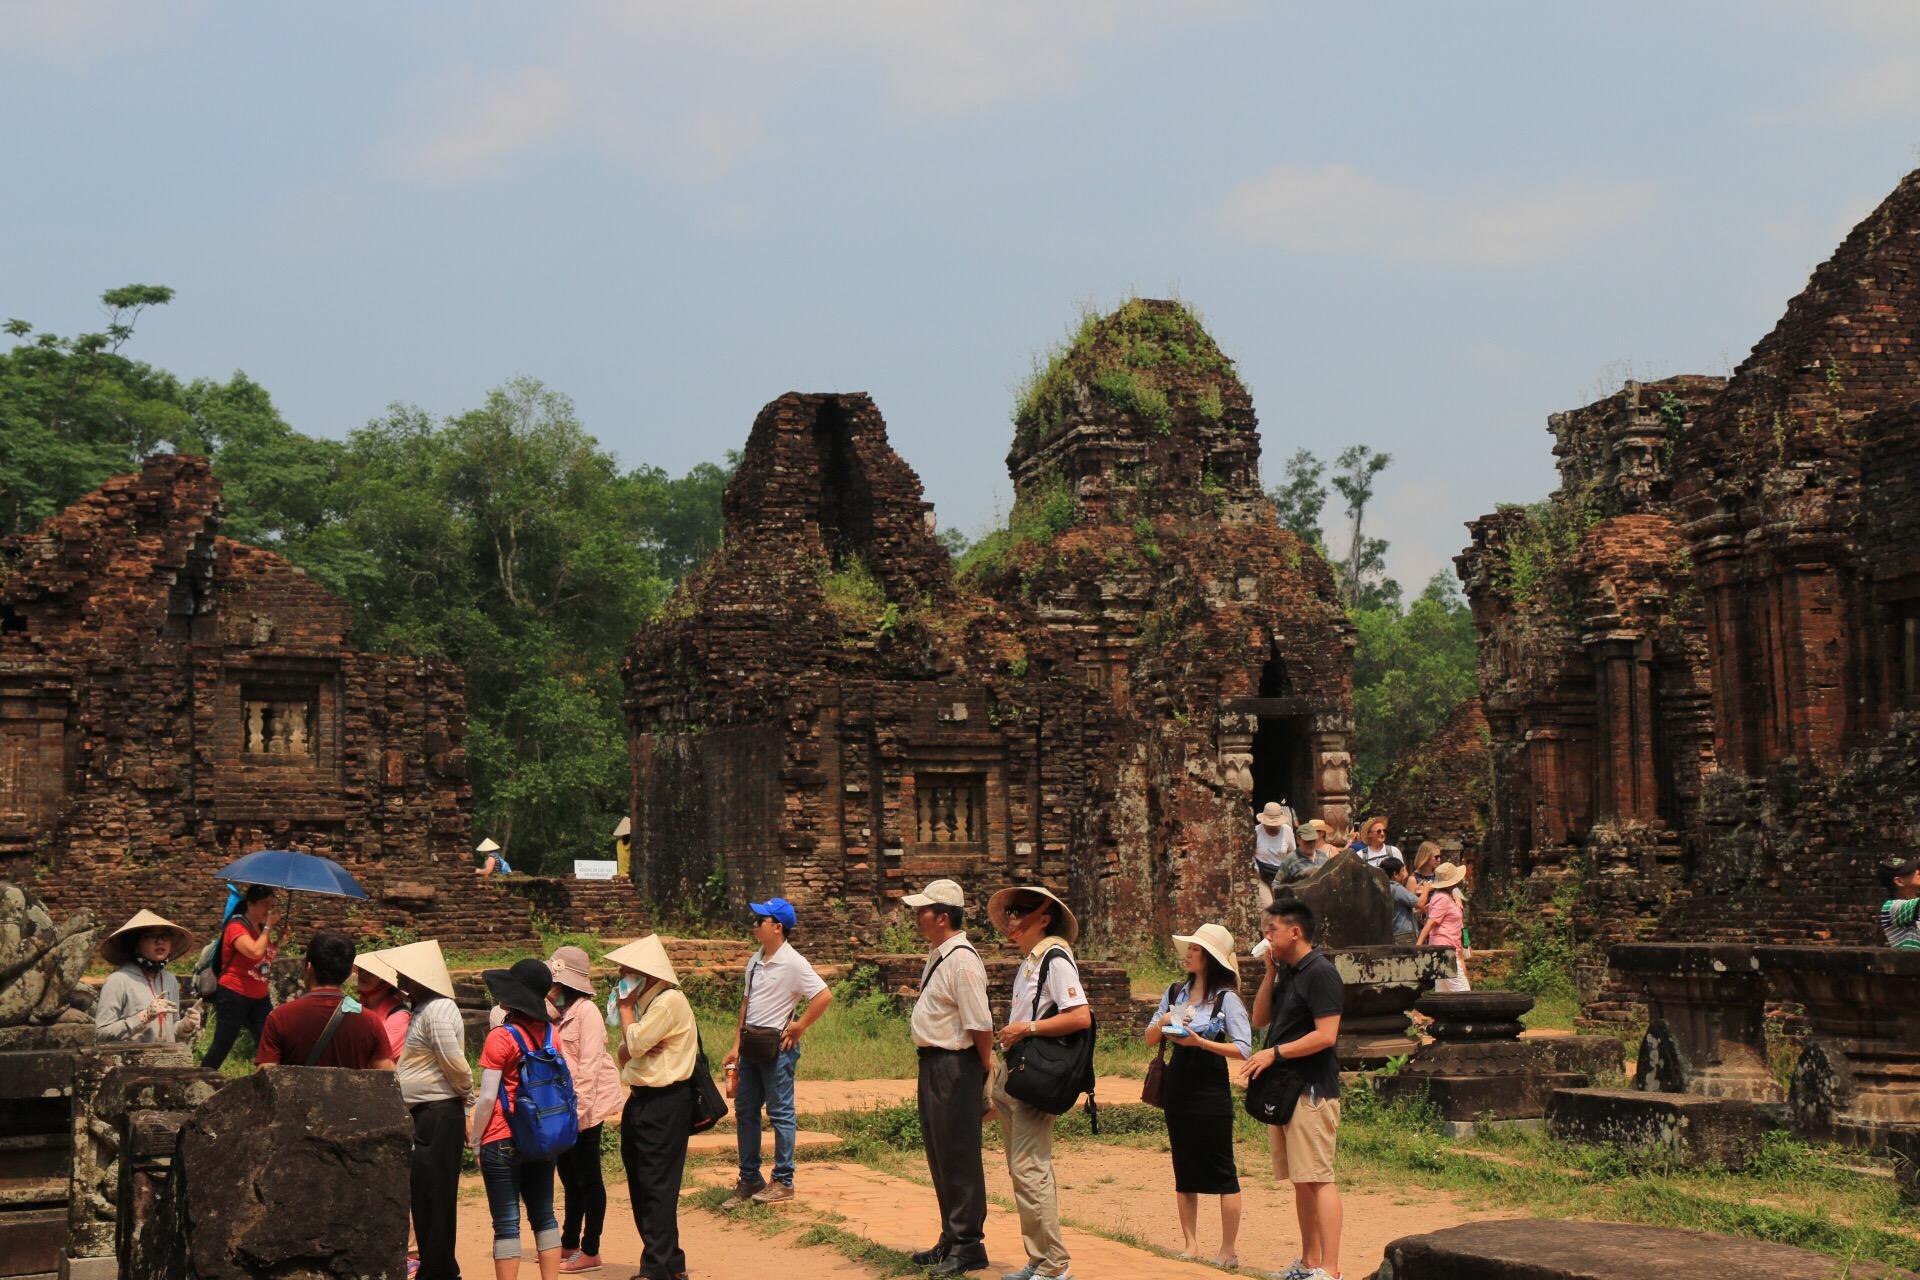 Nach dem Untergang der Cham-Kultur geriet die Anlage in Vergessenheit. Erst im 18. Jahrhundert wurde sie von französischen Forschern wiederentdeckt.